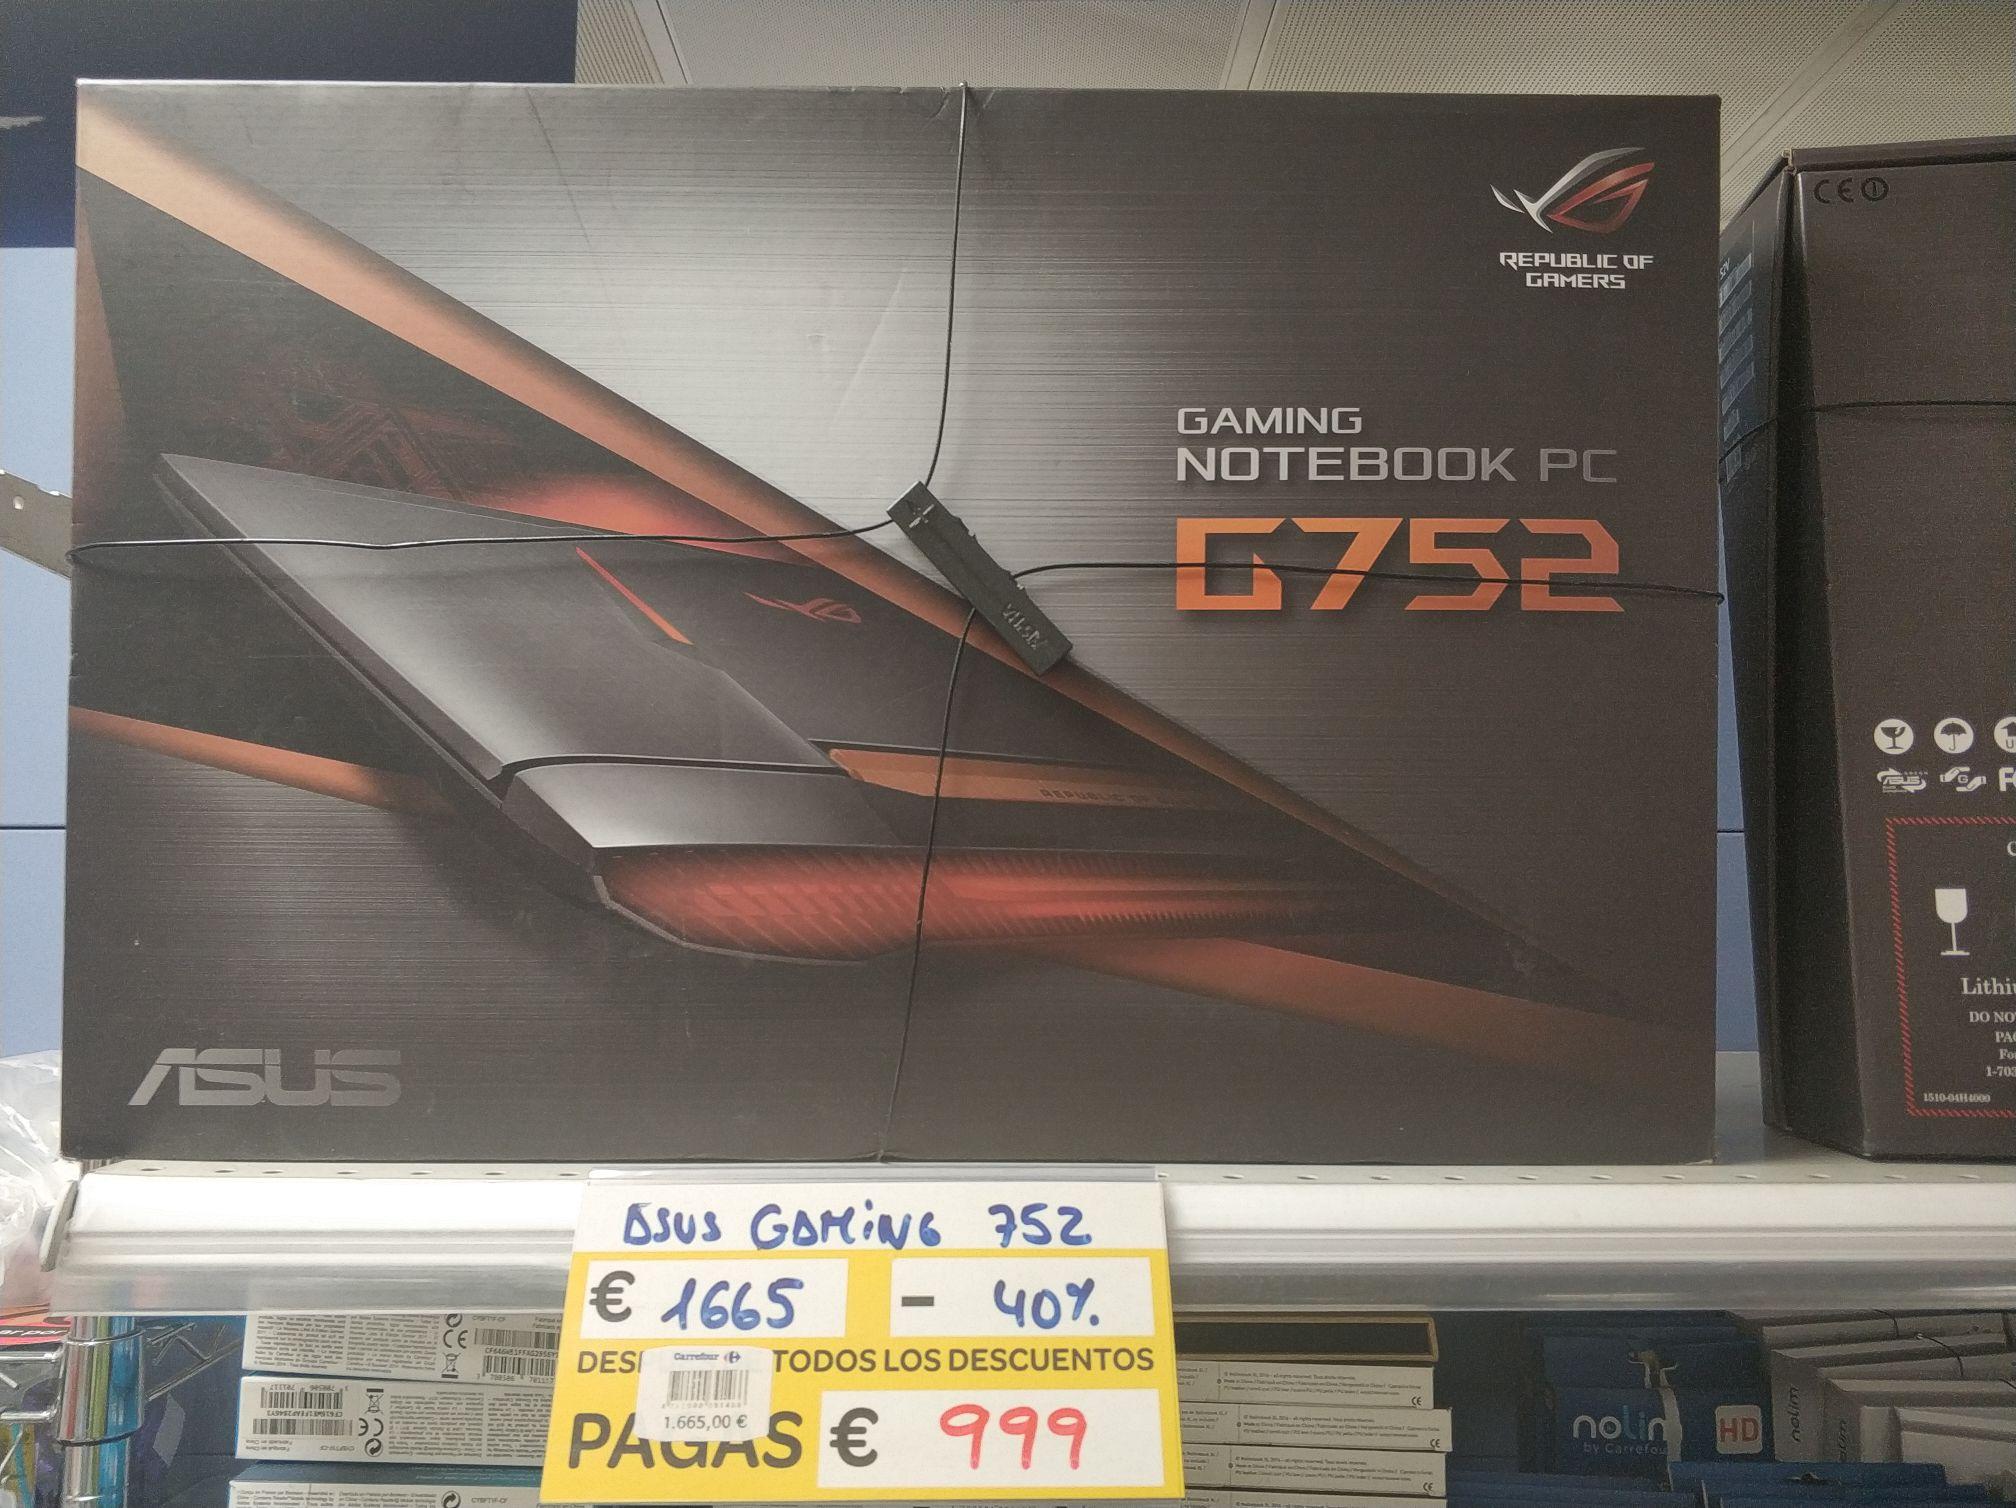 Portatil gaming Carrefour Outlet el Prat